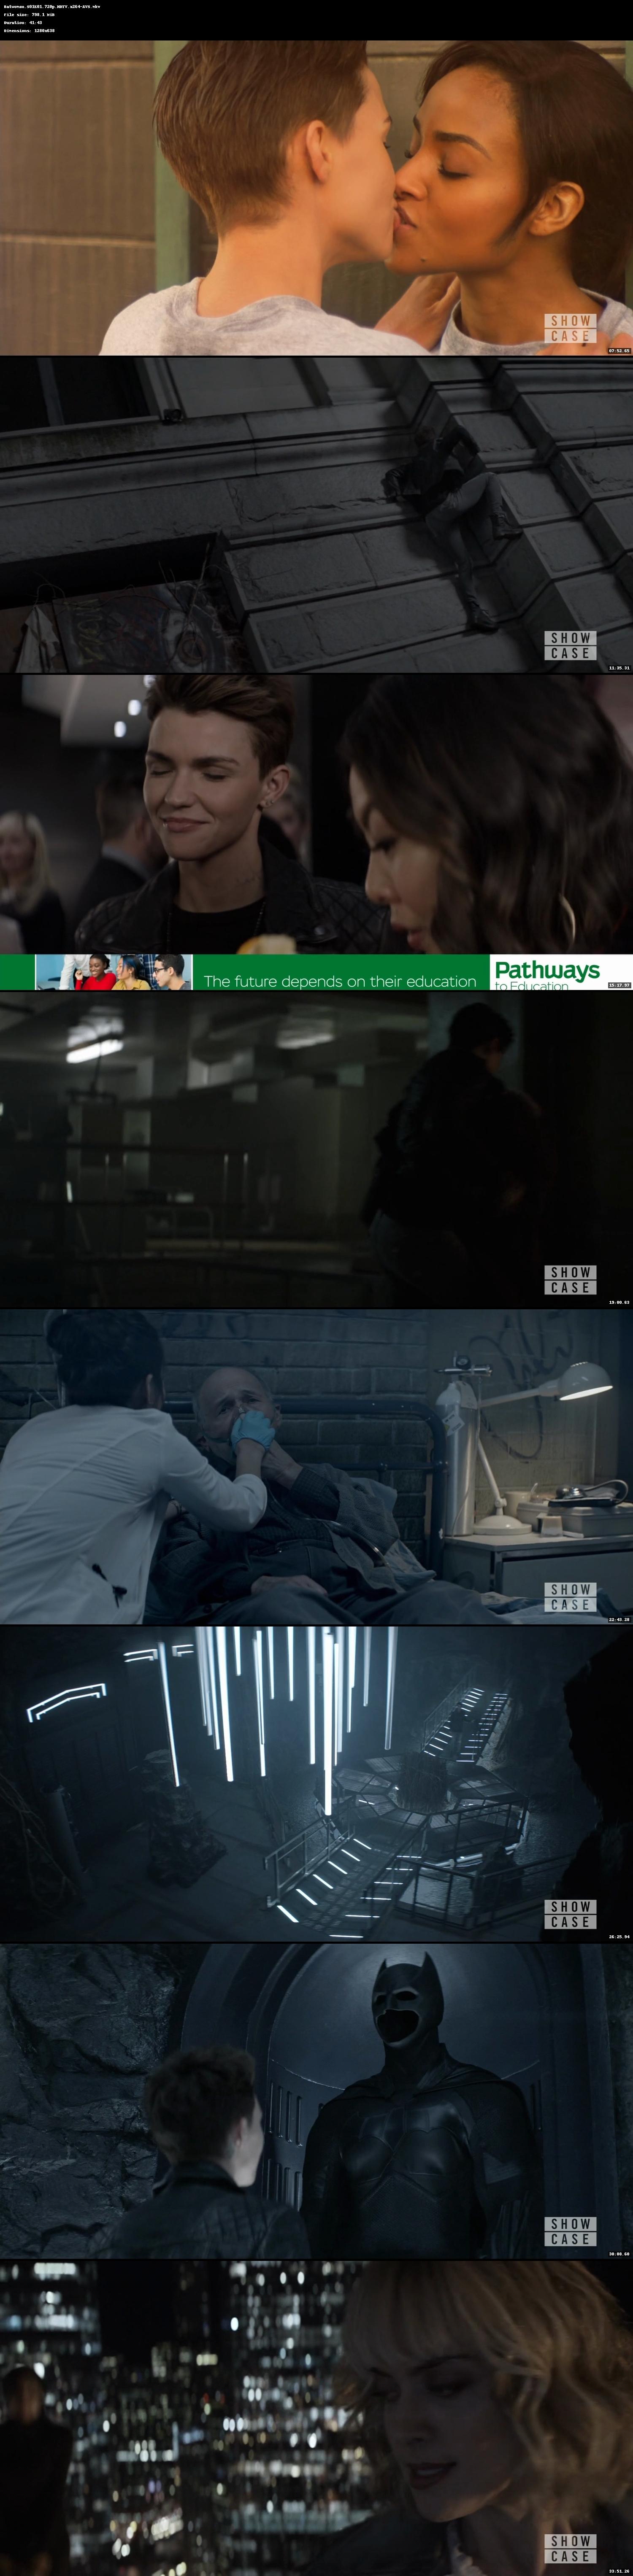 Doctor-X.Season.5.EP07.720p.HDTV.x264.AAC-DoA - Binsearch ...